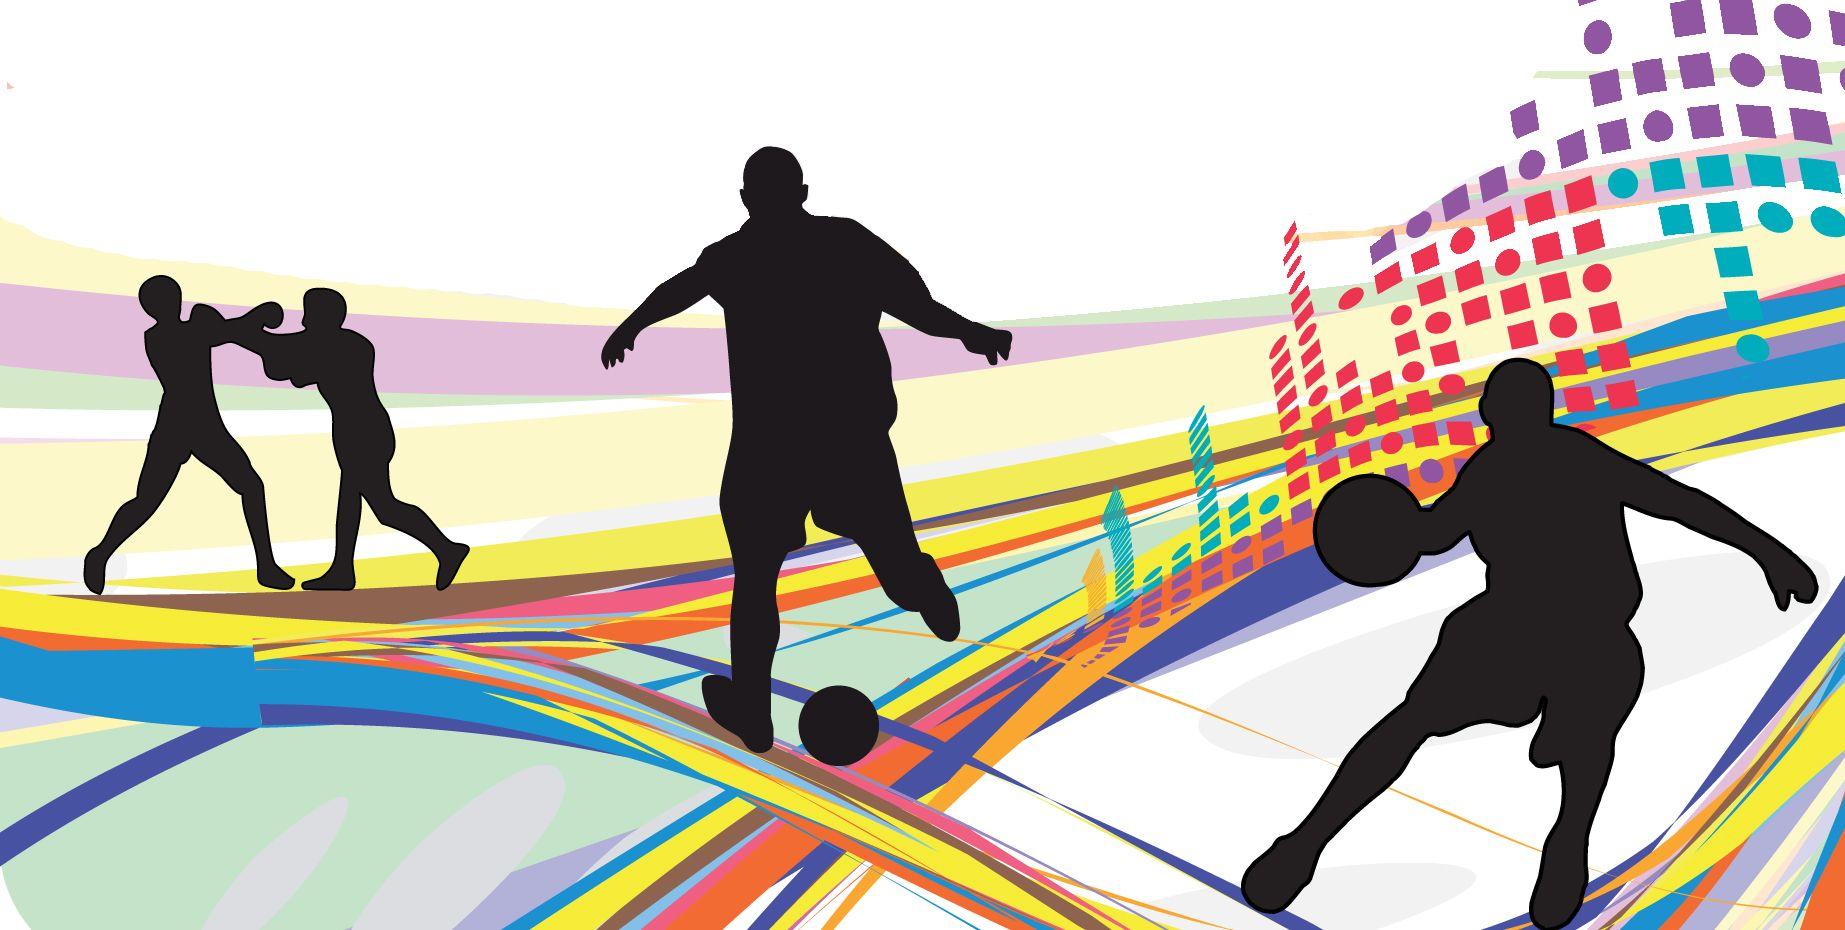 Art Shadow Ombre Pop Sport Sports, Sport